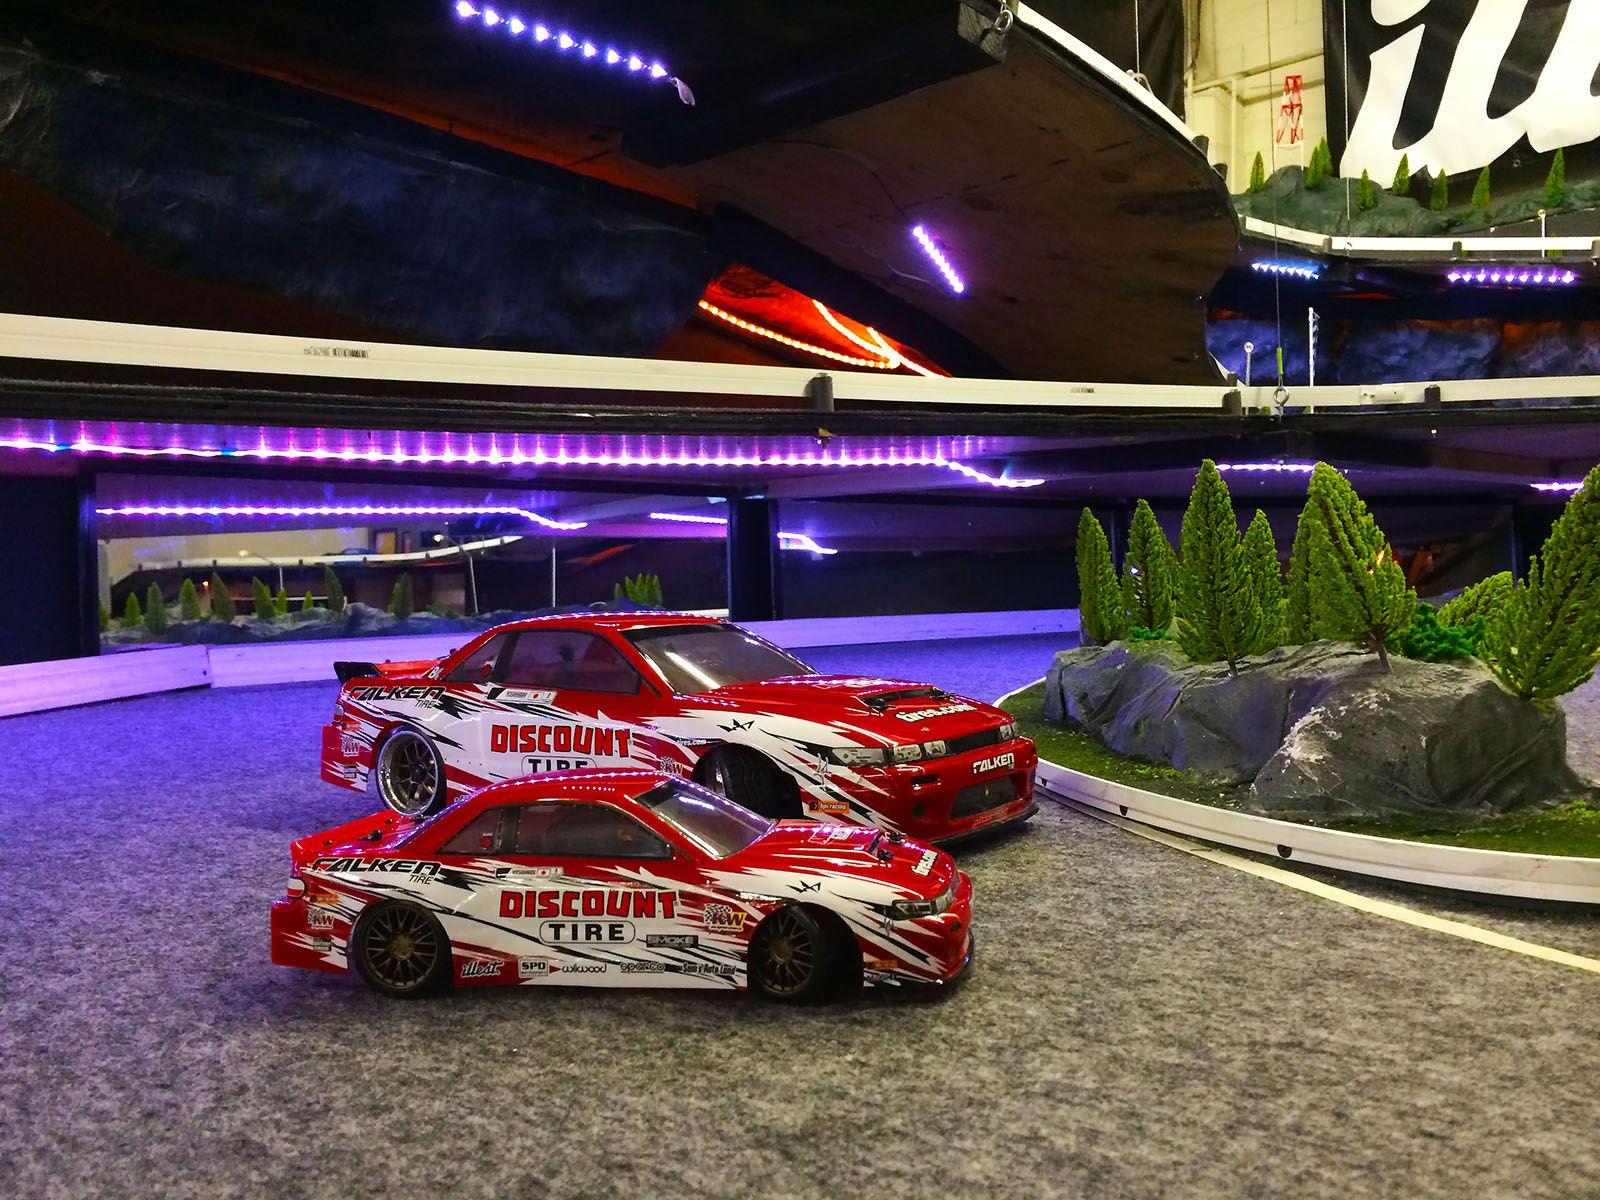 HPI Racing Dai Yoshihara Discount Tire Falken Tire NIssan S13 1 10th